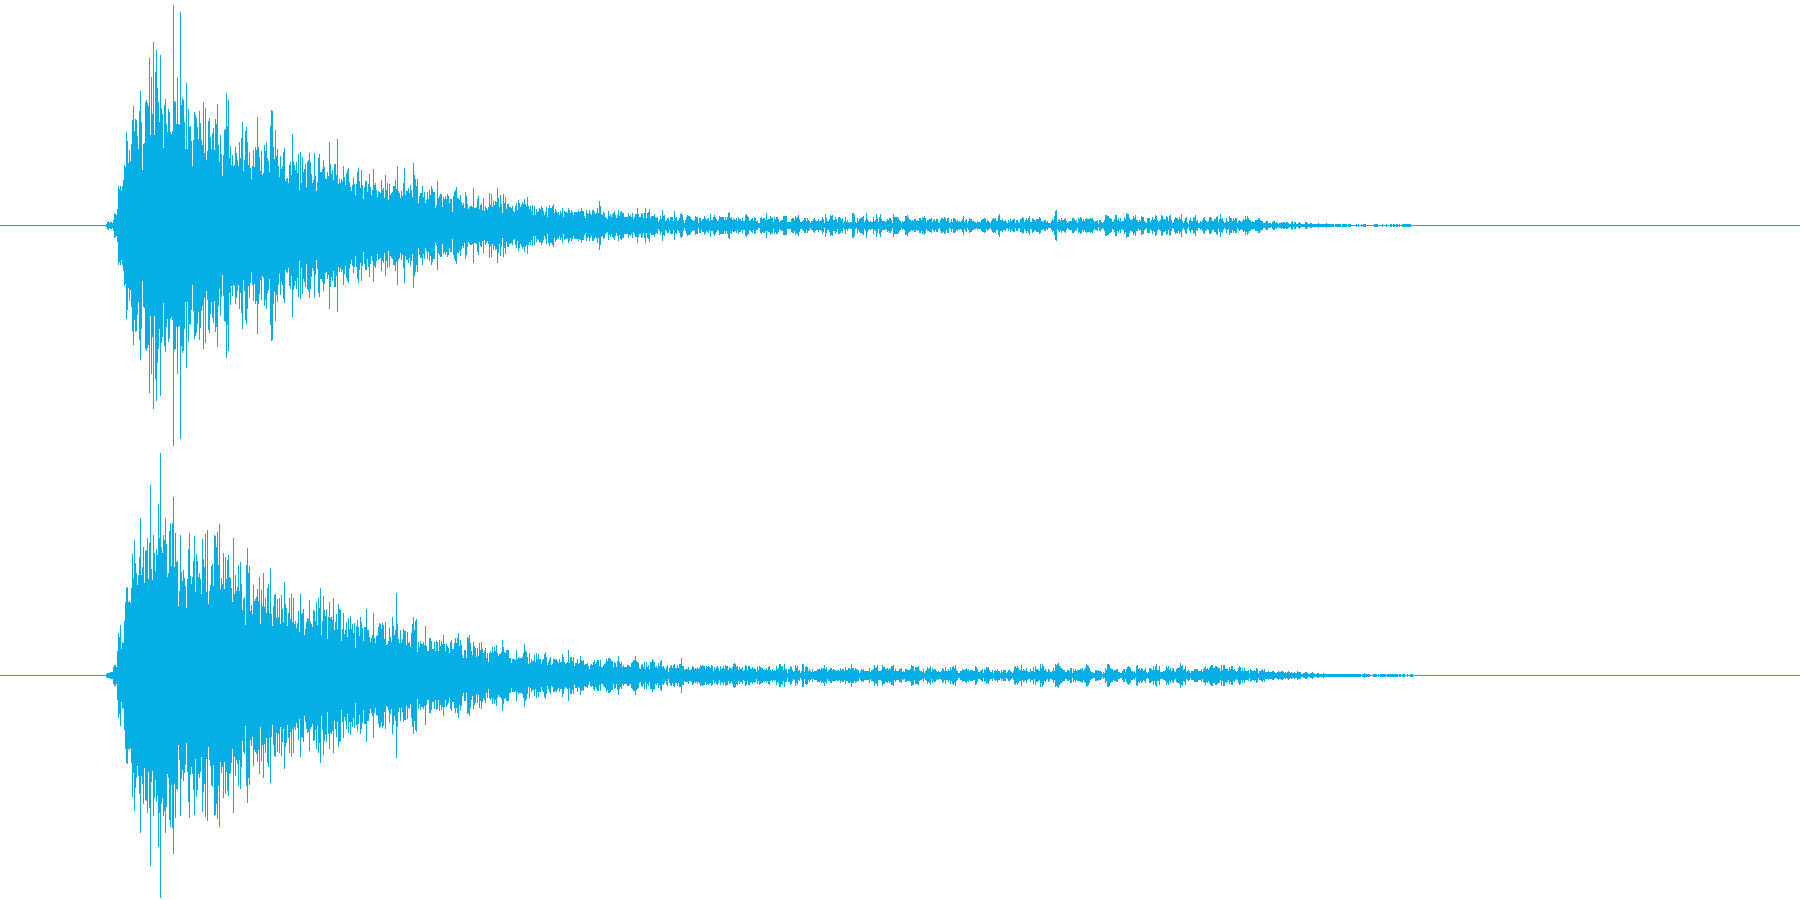 ジャ(ロボ、スチーム、装置)の再生済みの波形